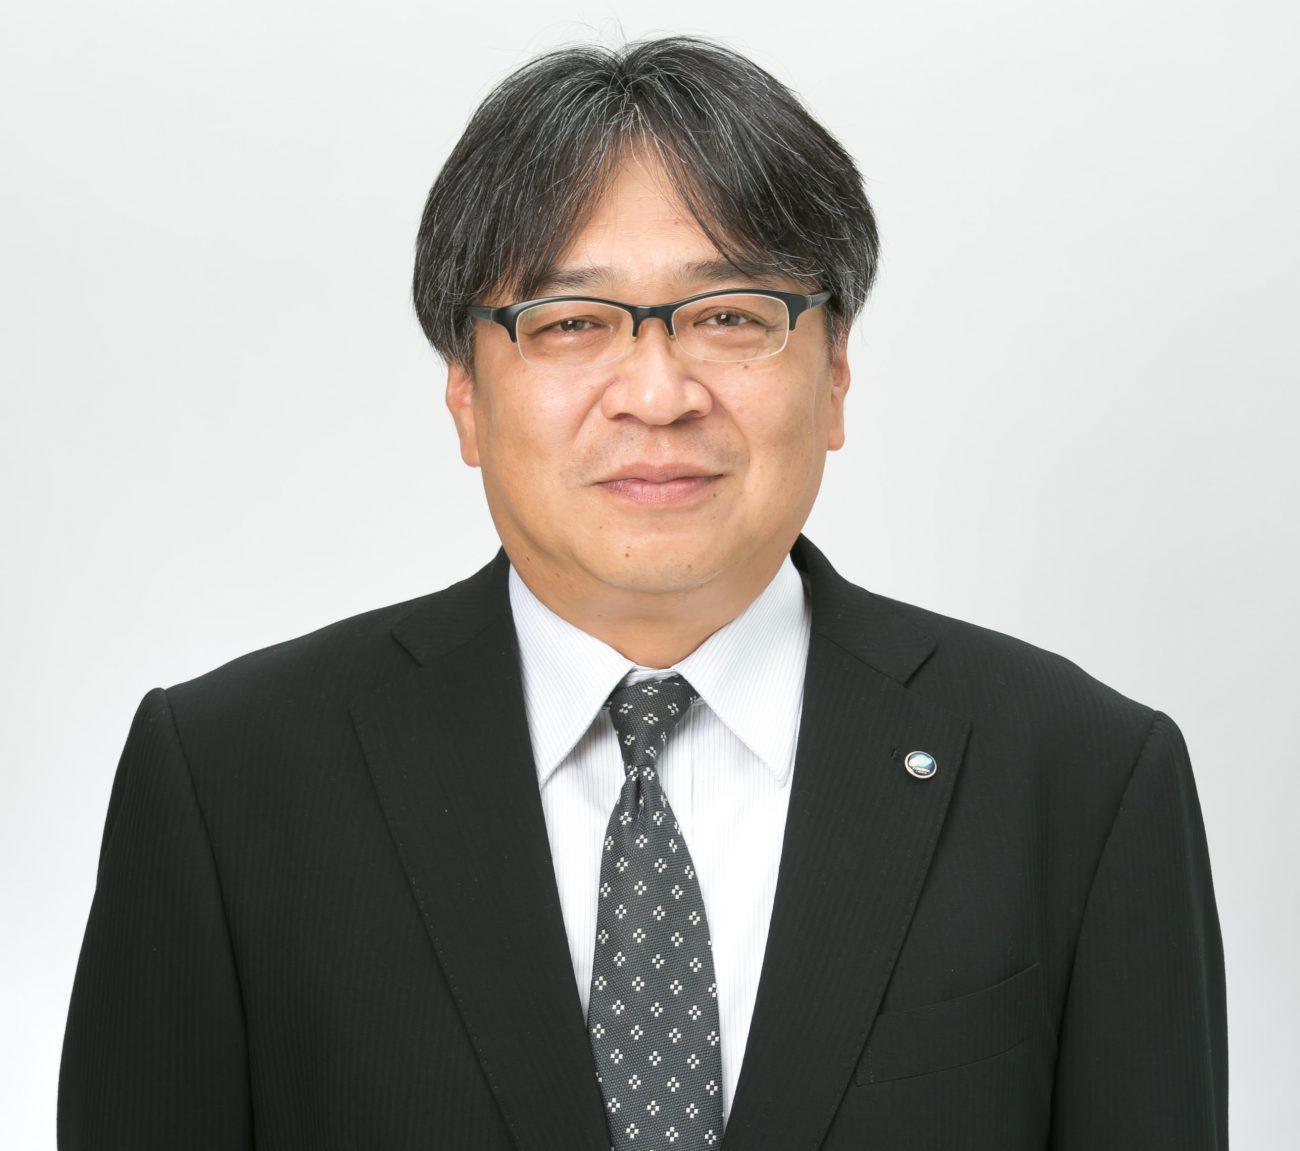 山田 雄一郎